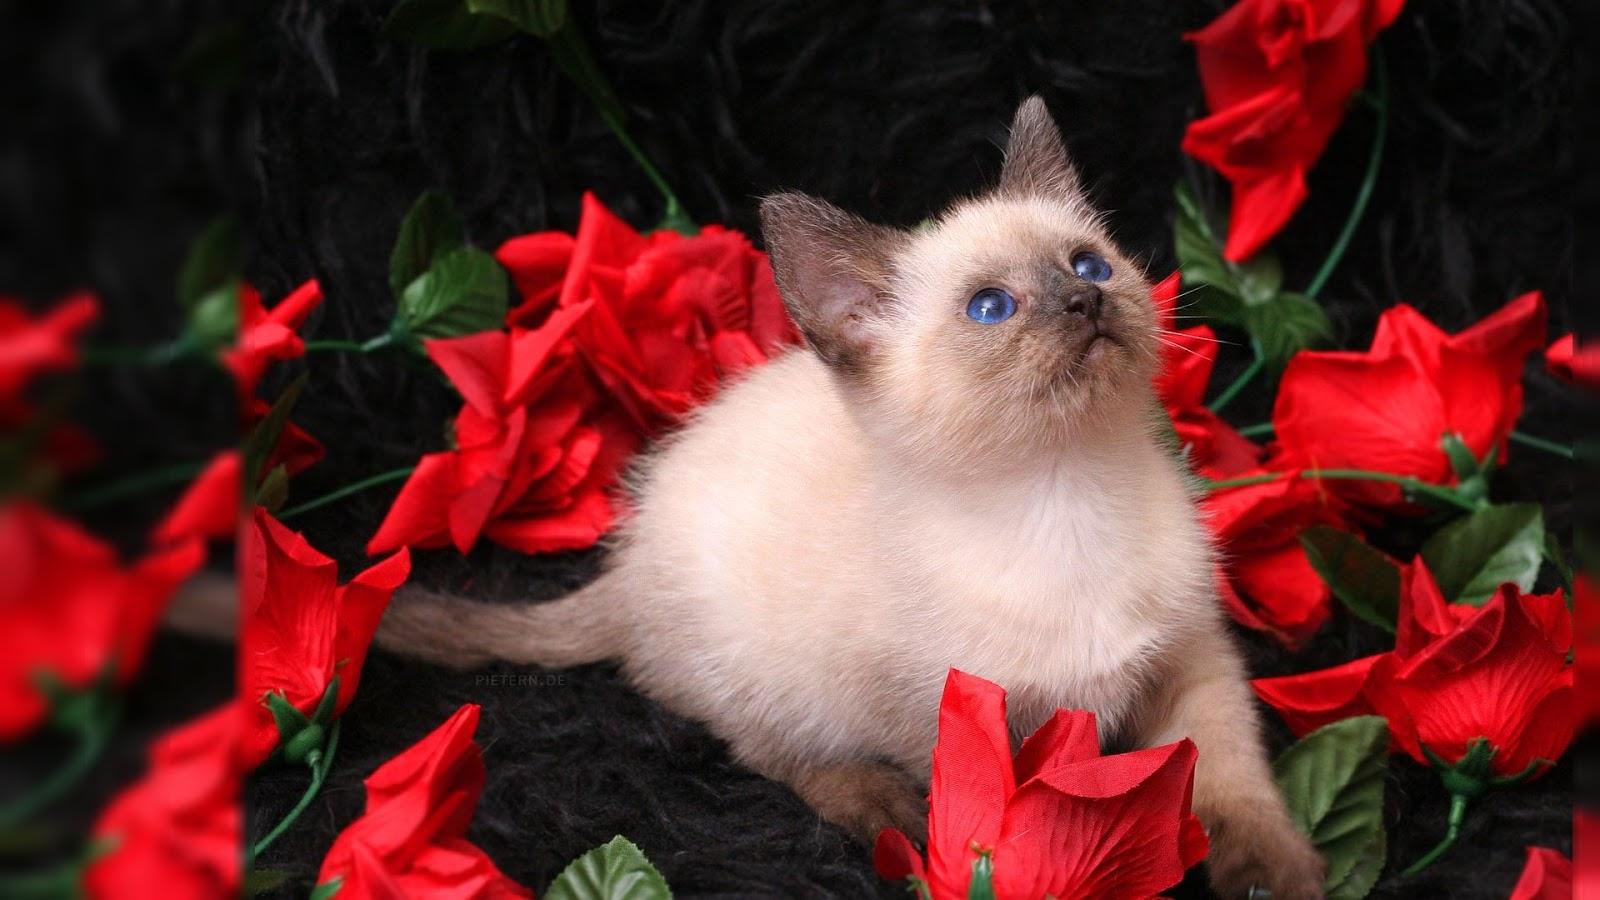 red rose desktop background - photo #34